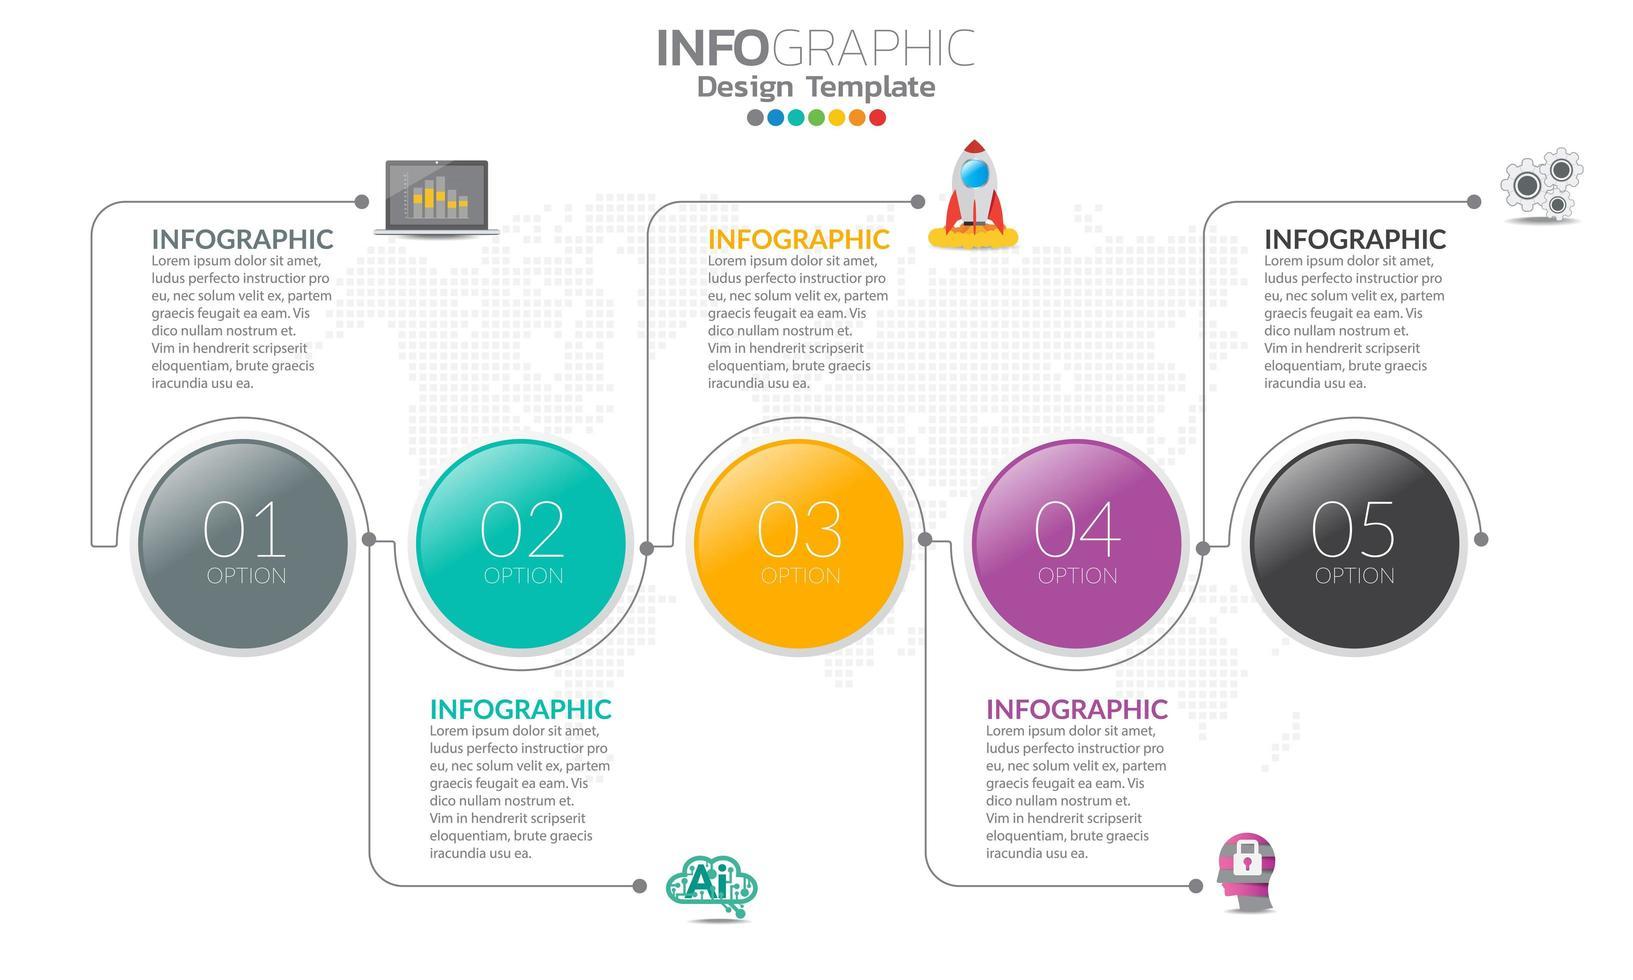 infographie pour concept d & # 39; entreprise avec des icônes vecteur